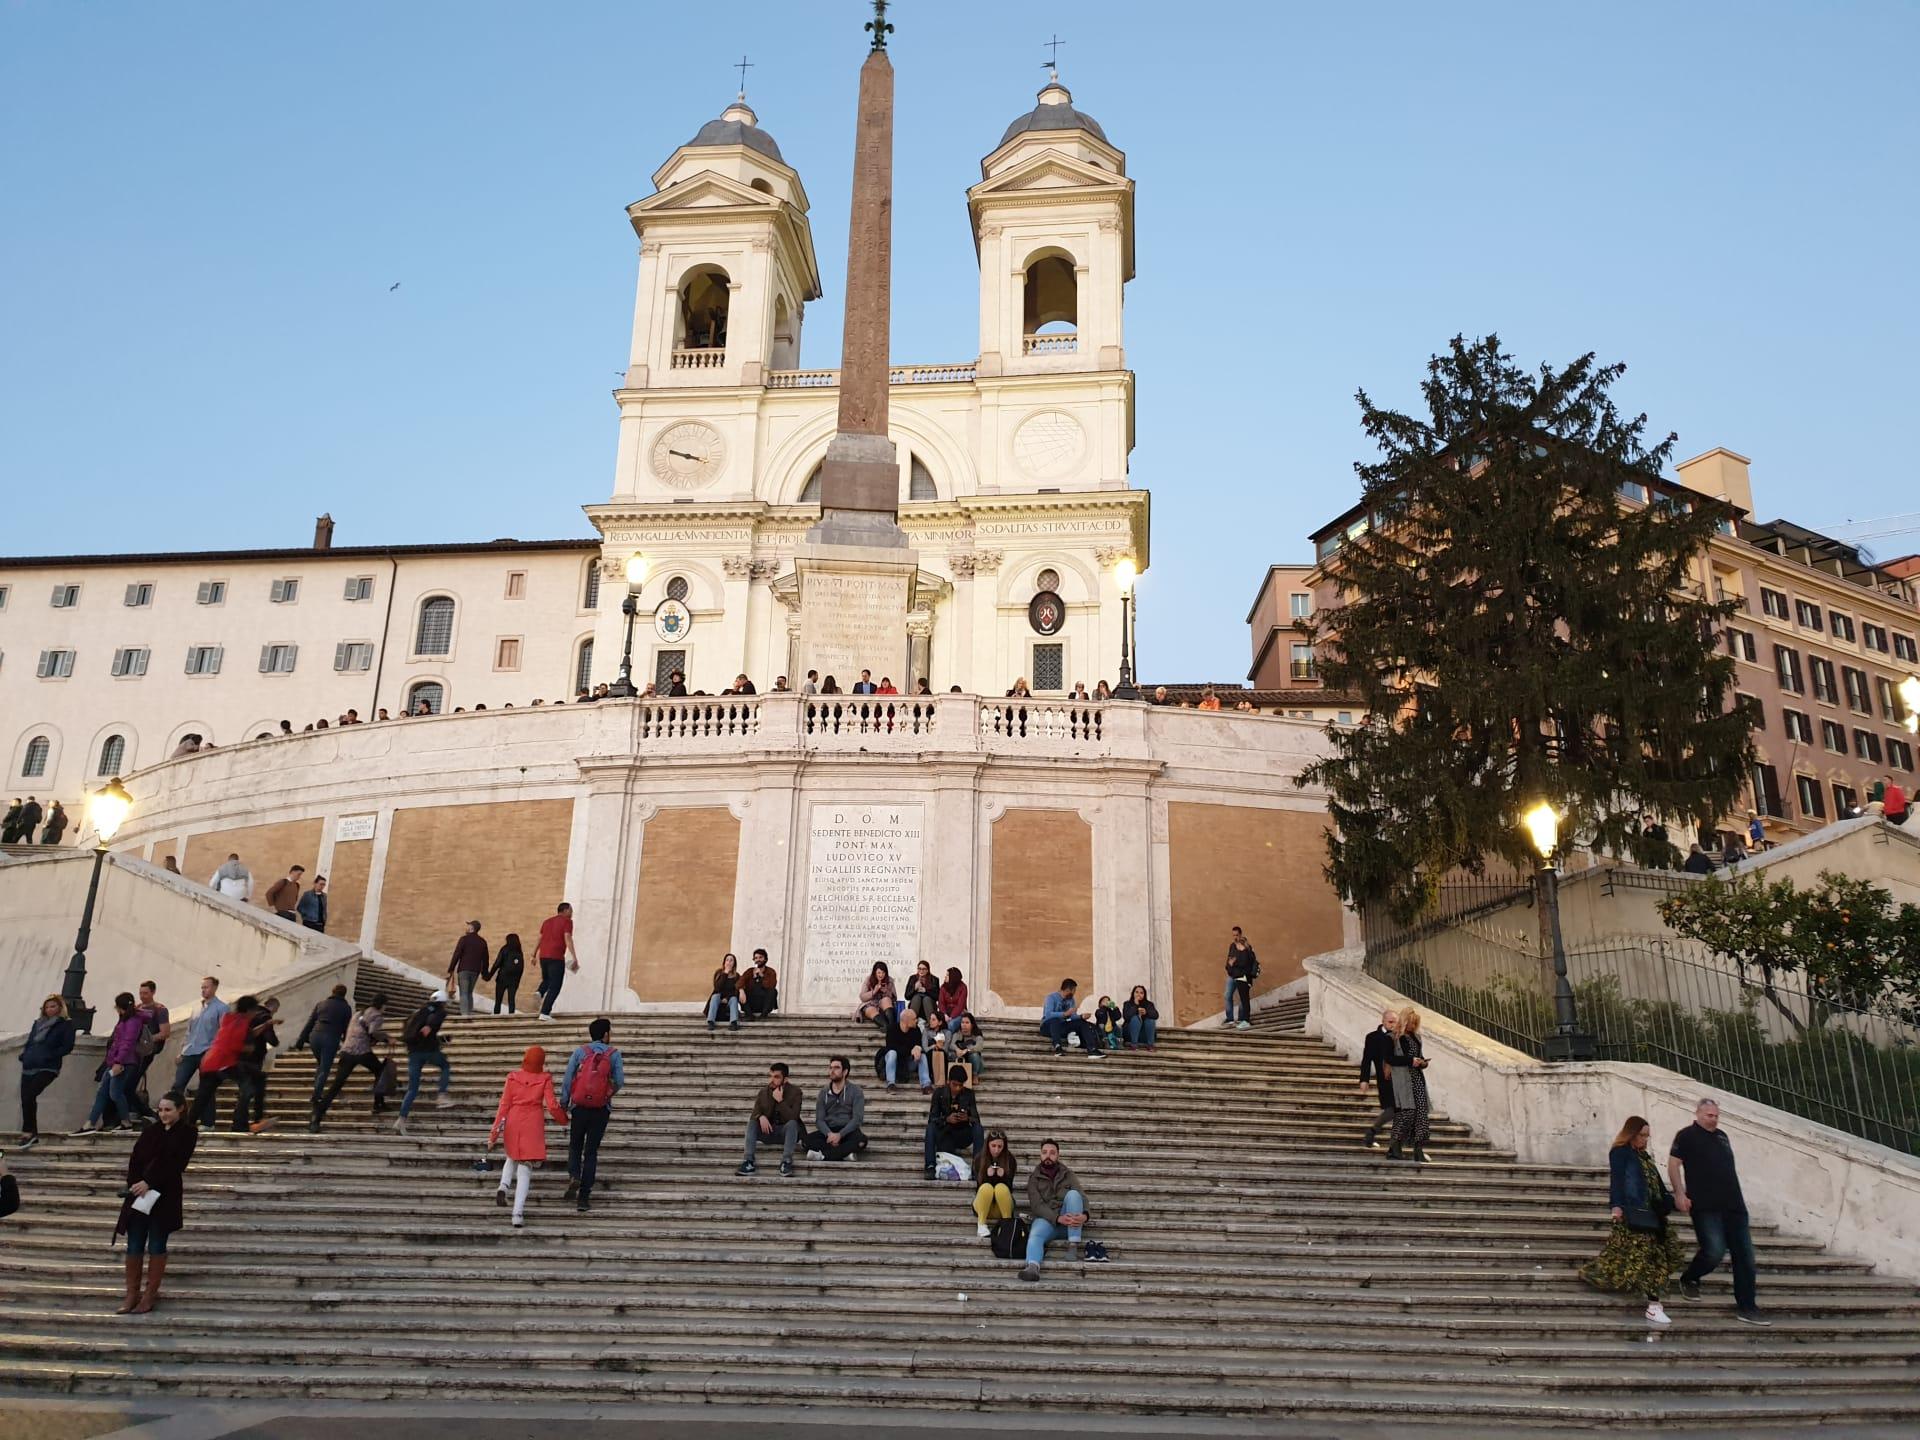 أجمل الأماكن التي يمكنك زيارتها في روما - السلالم الاسبانية